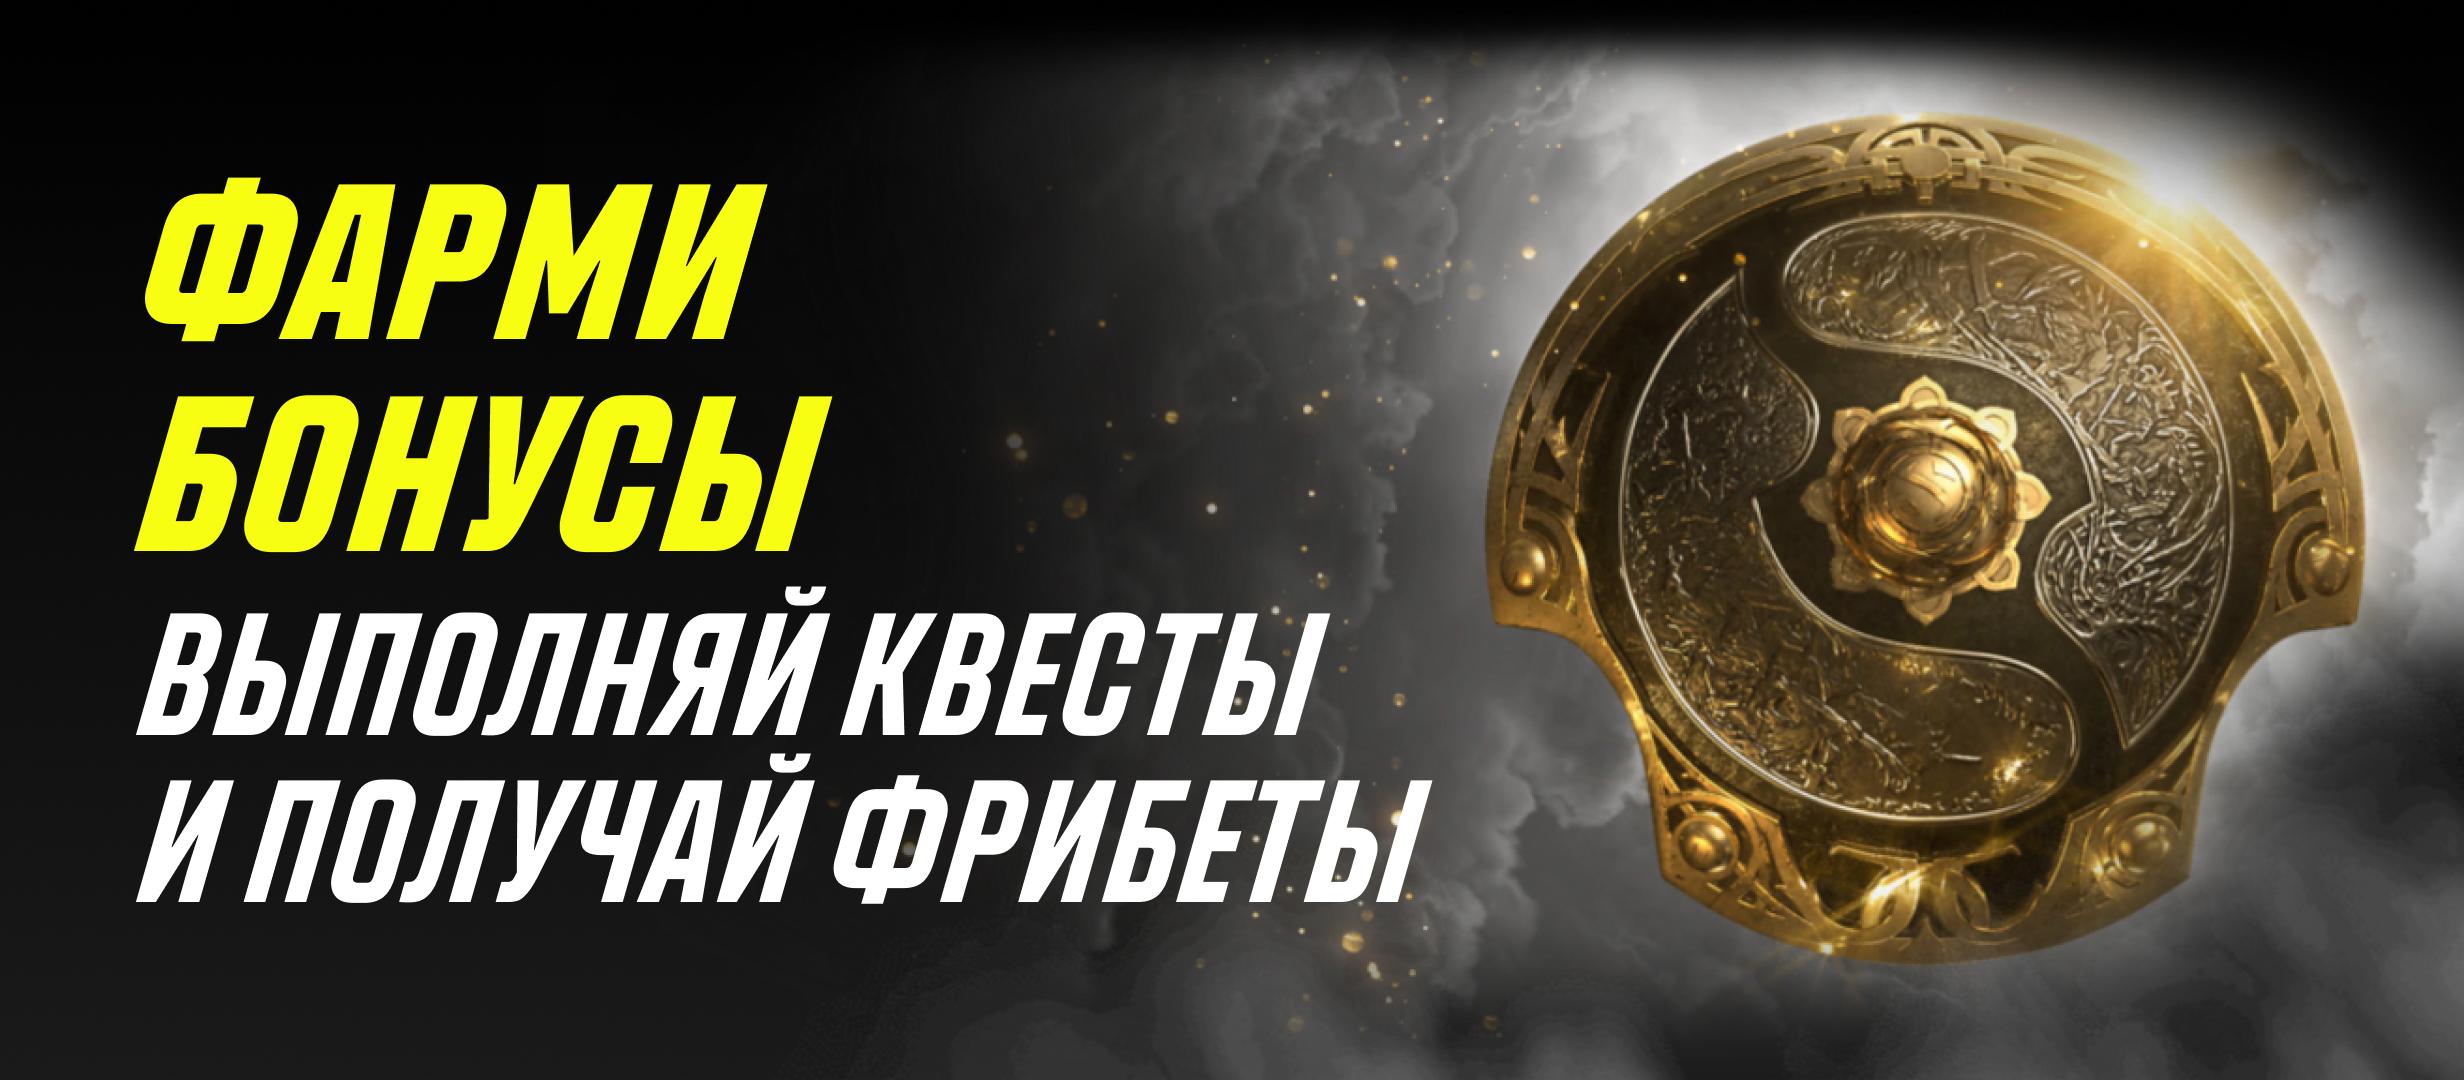 Бонус от Париматч 10000 ₽.